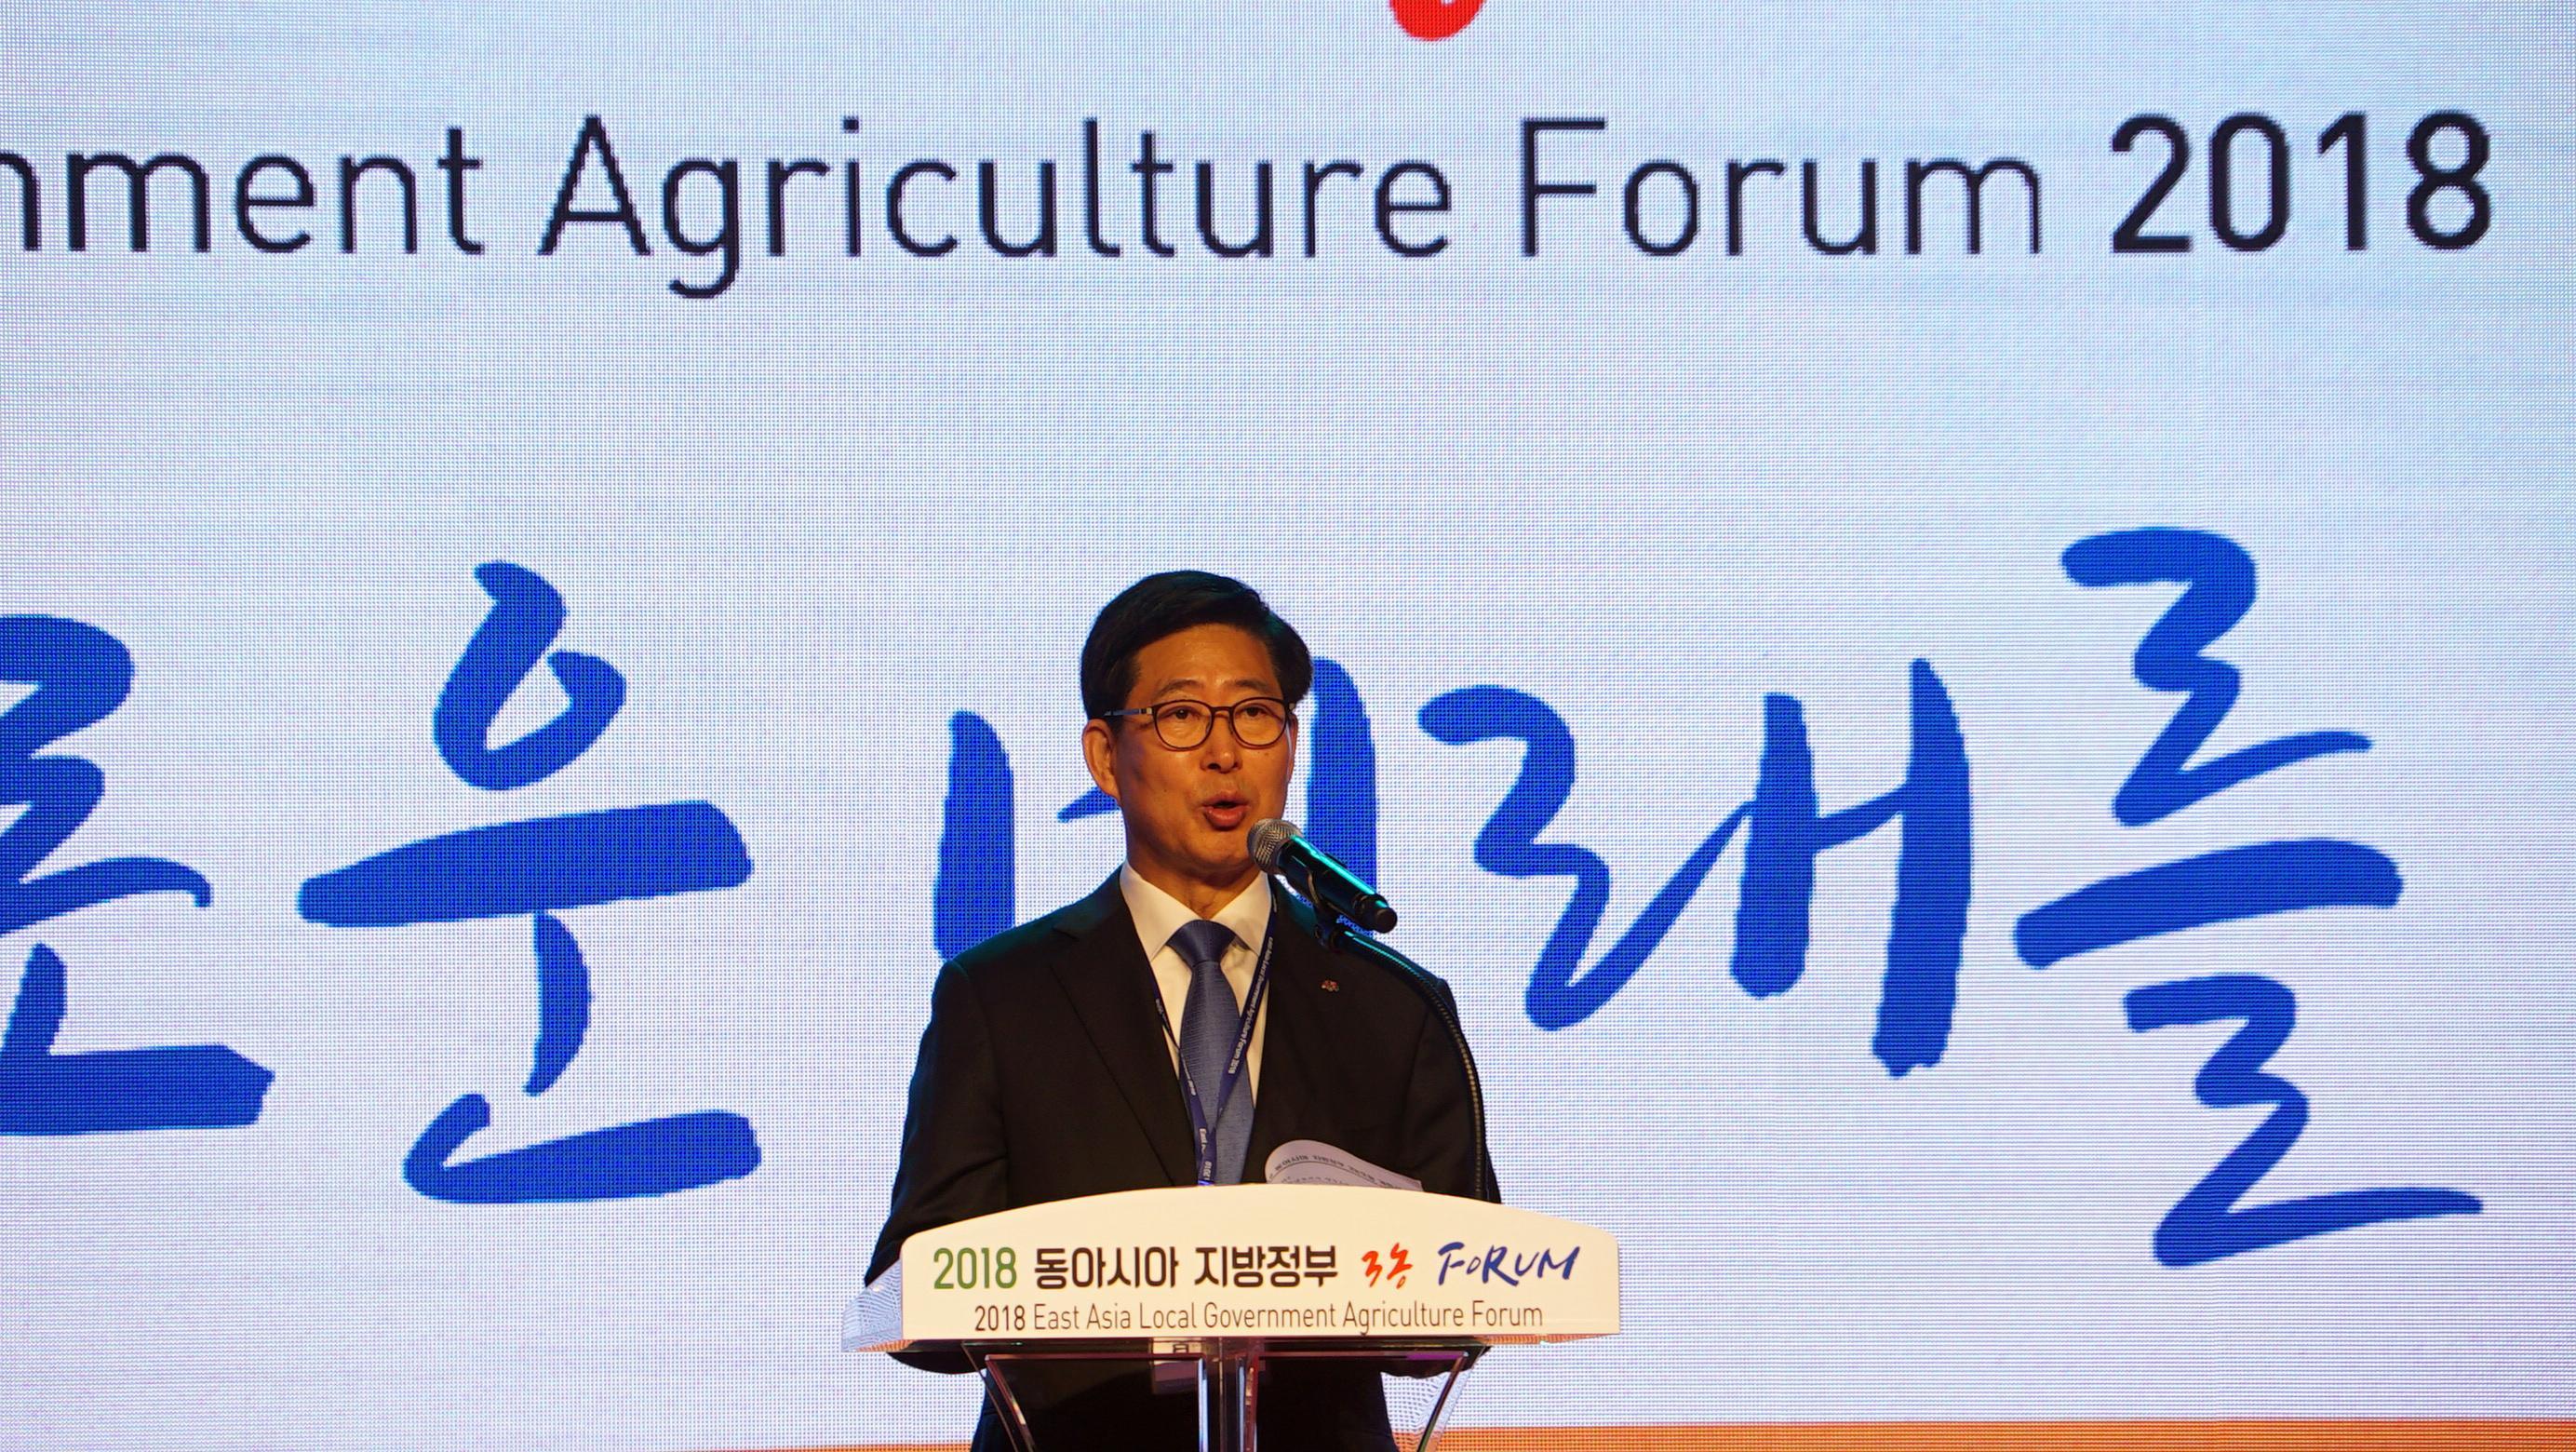 2018 동아시아 지방정부 3농포럼 개회식